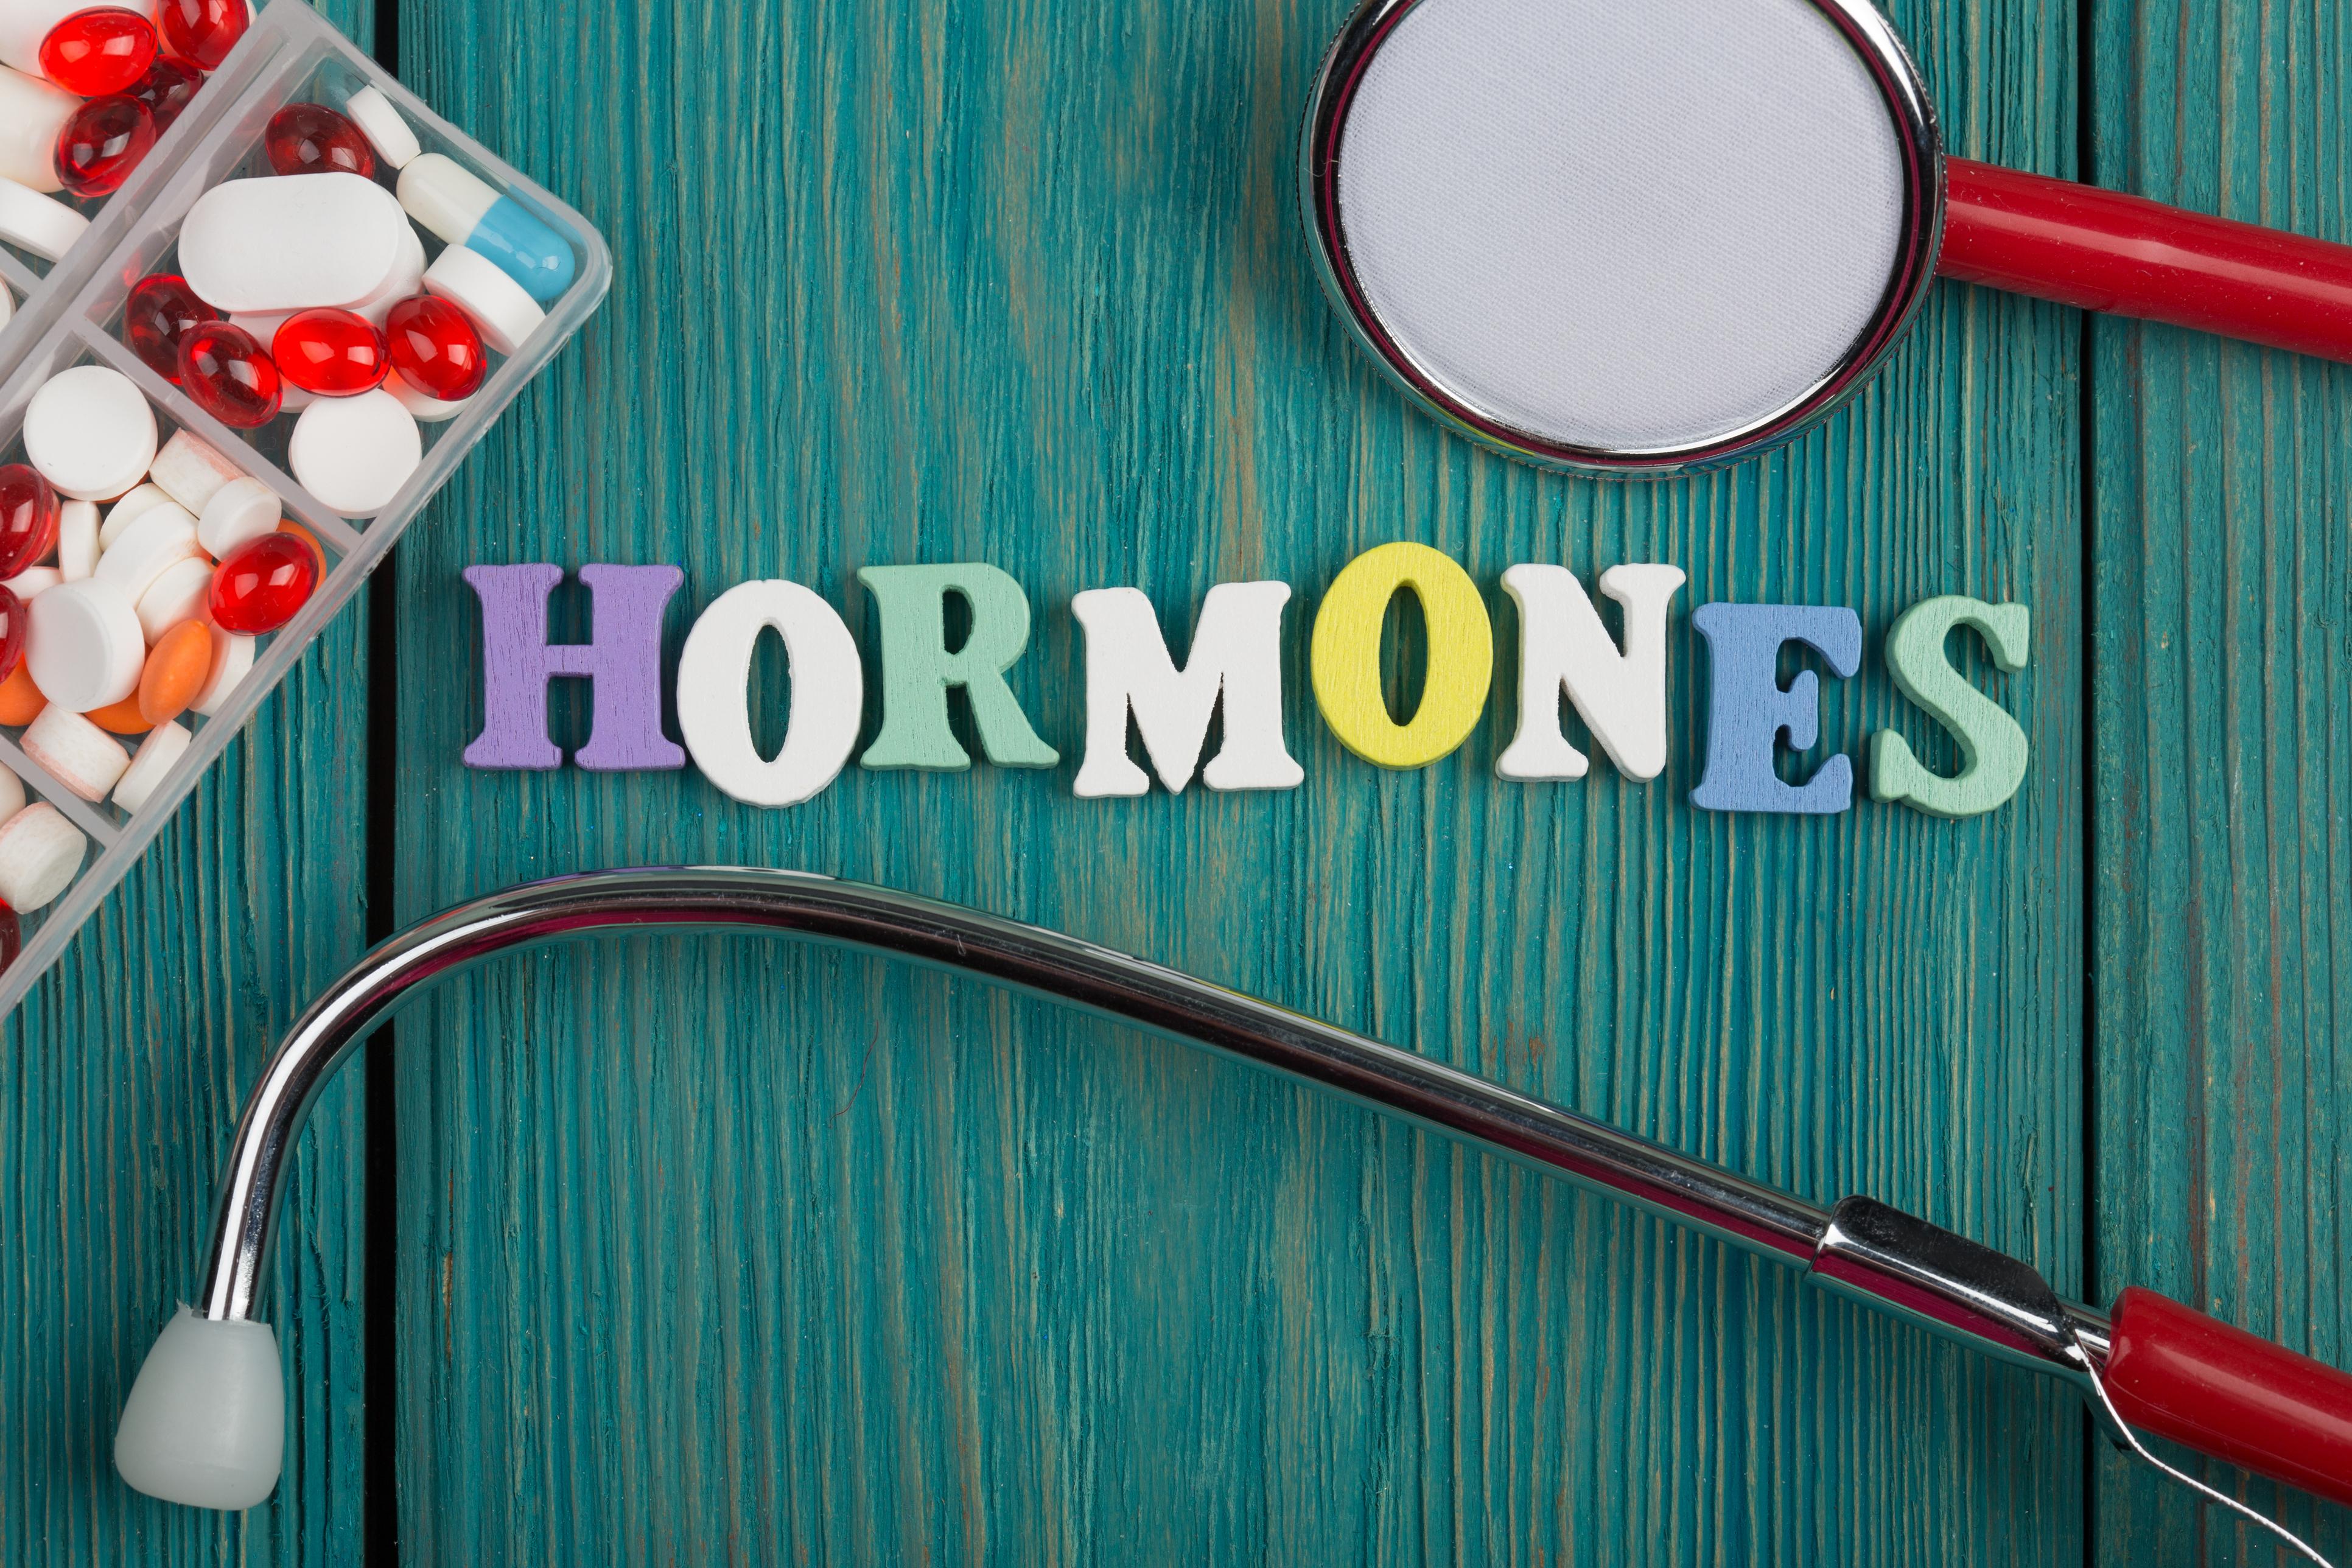 Гормональний дисбаланс: як зрозуміти його симптоми і самостійно усунути проблему